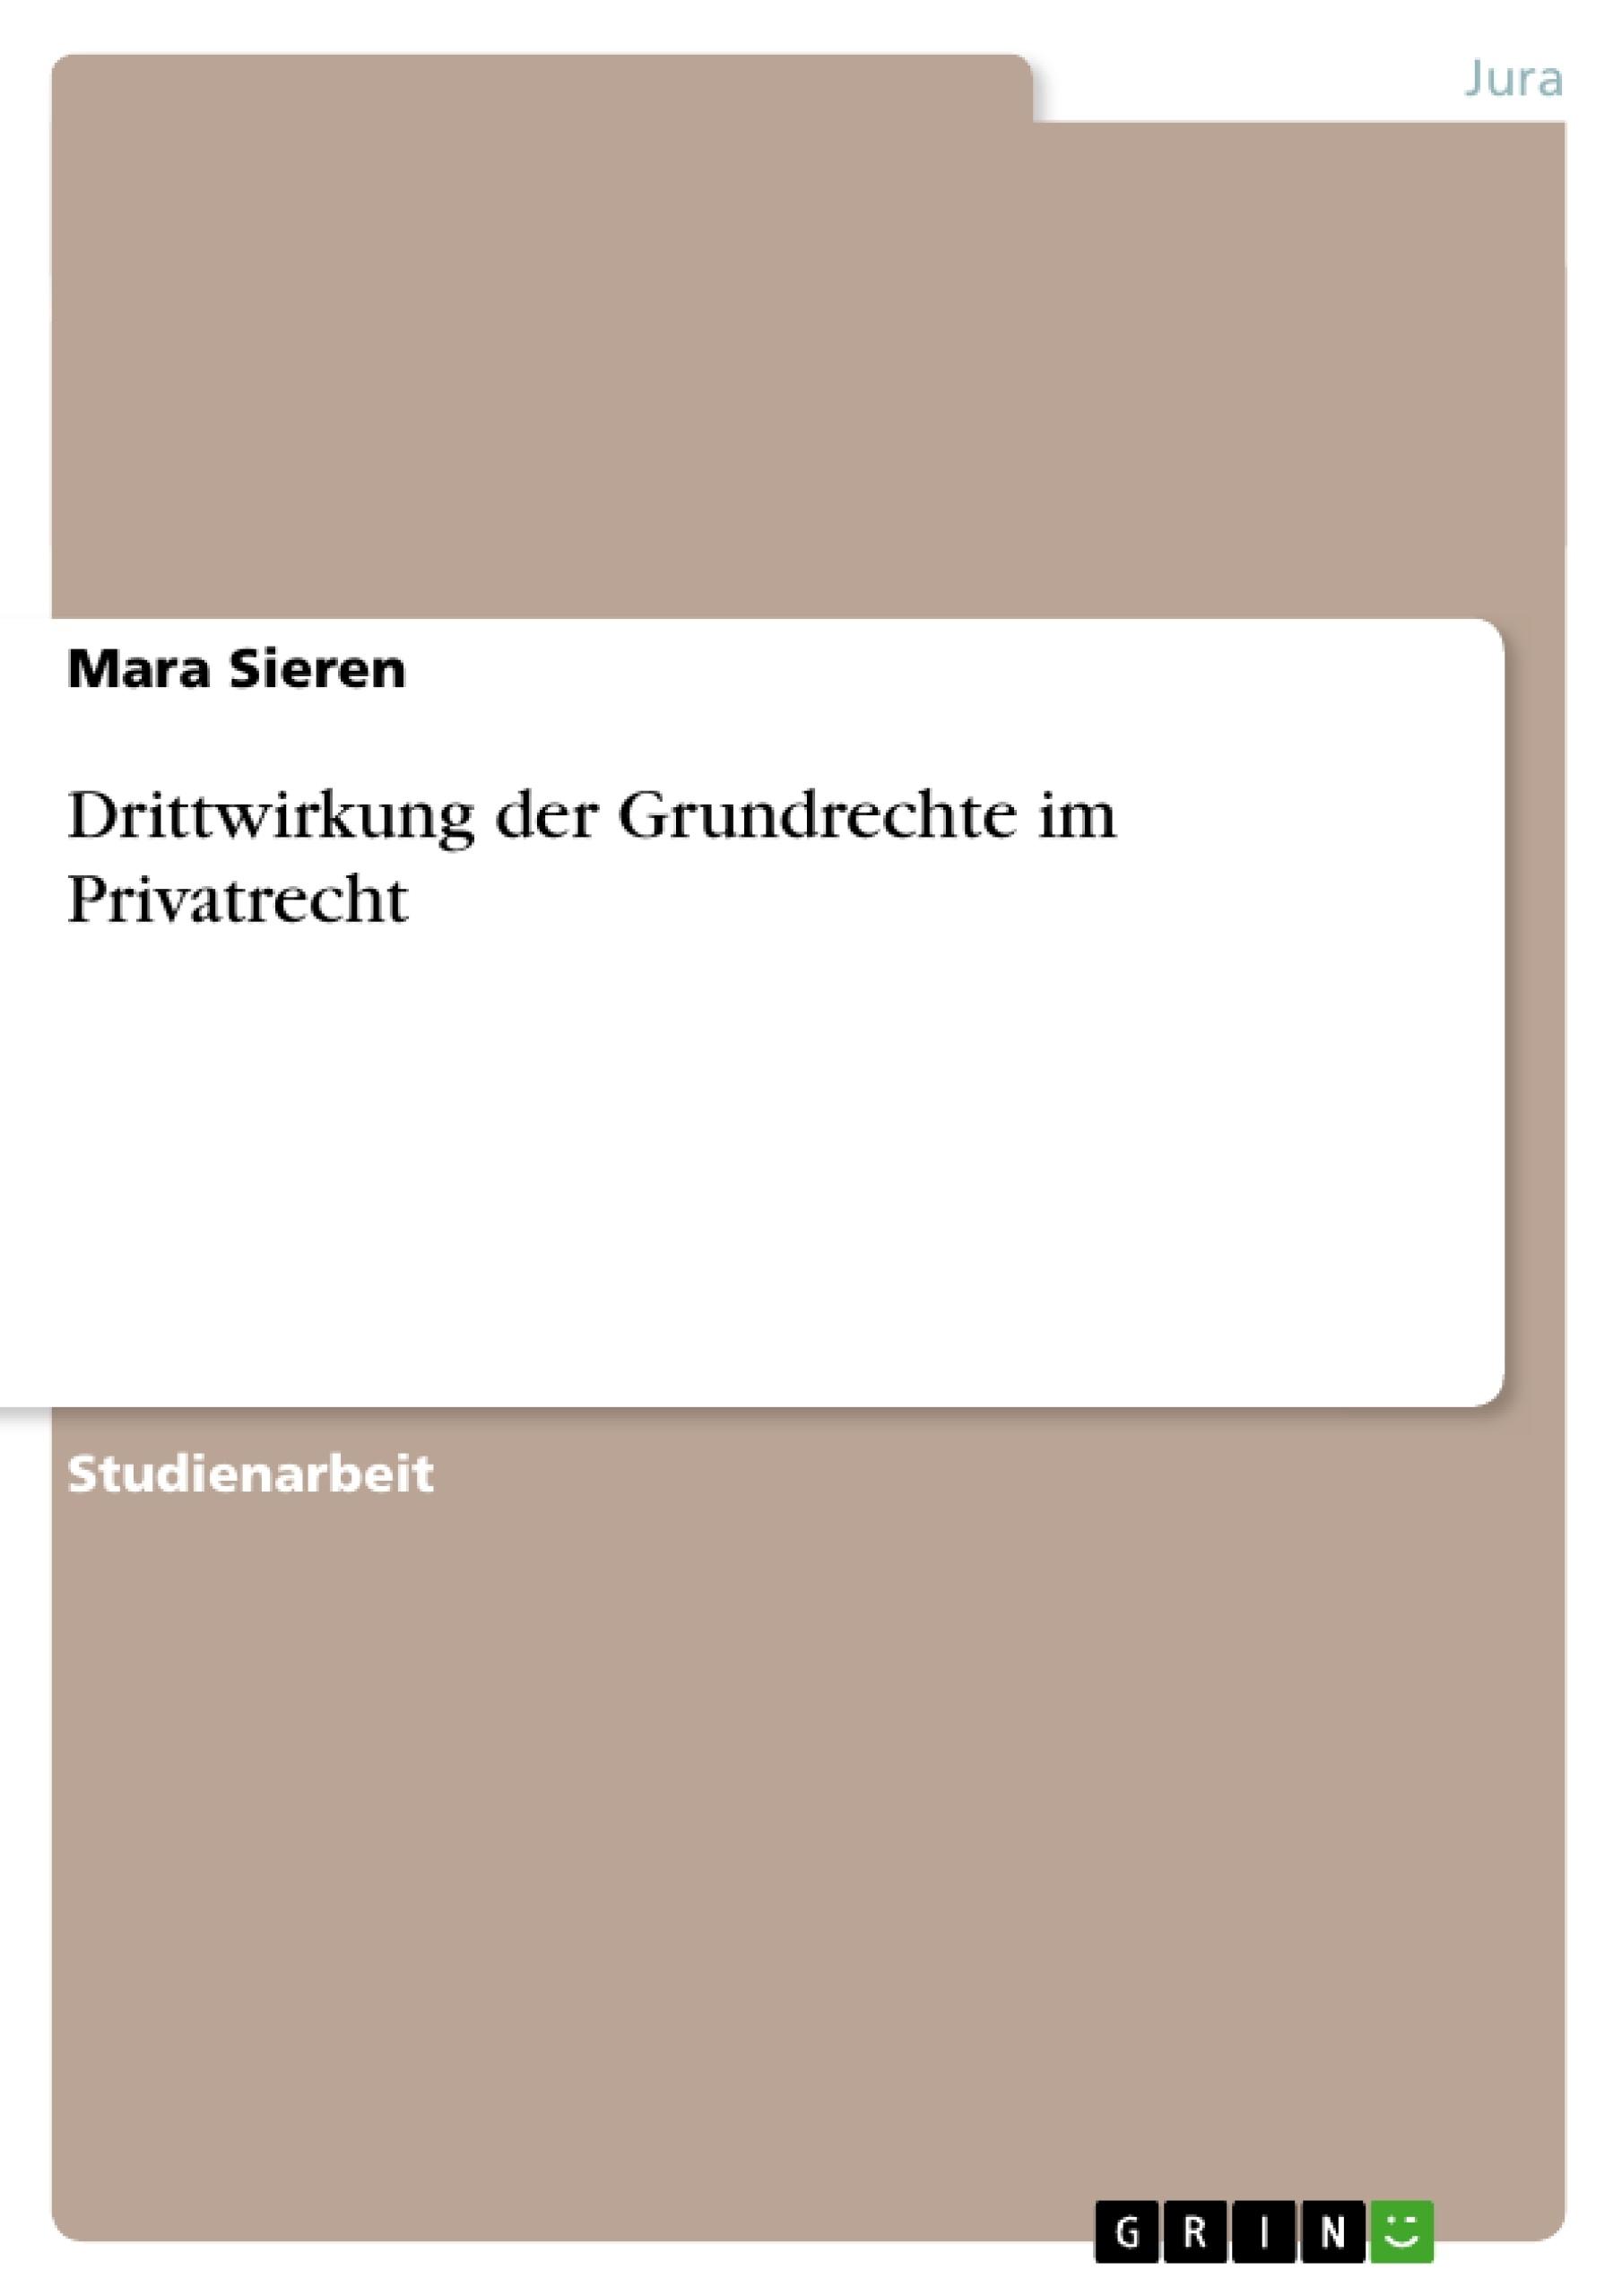 Titel: Drittwirkung der Grundrechte im Privatrecht